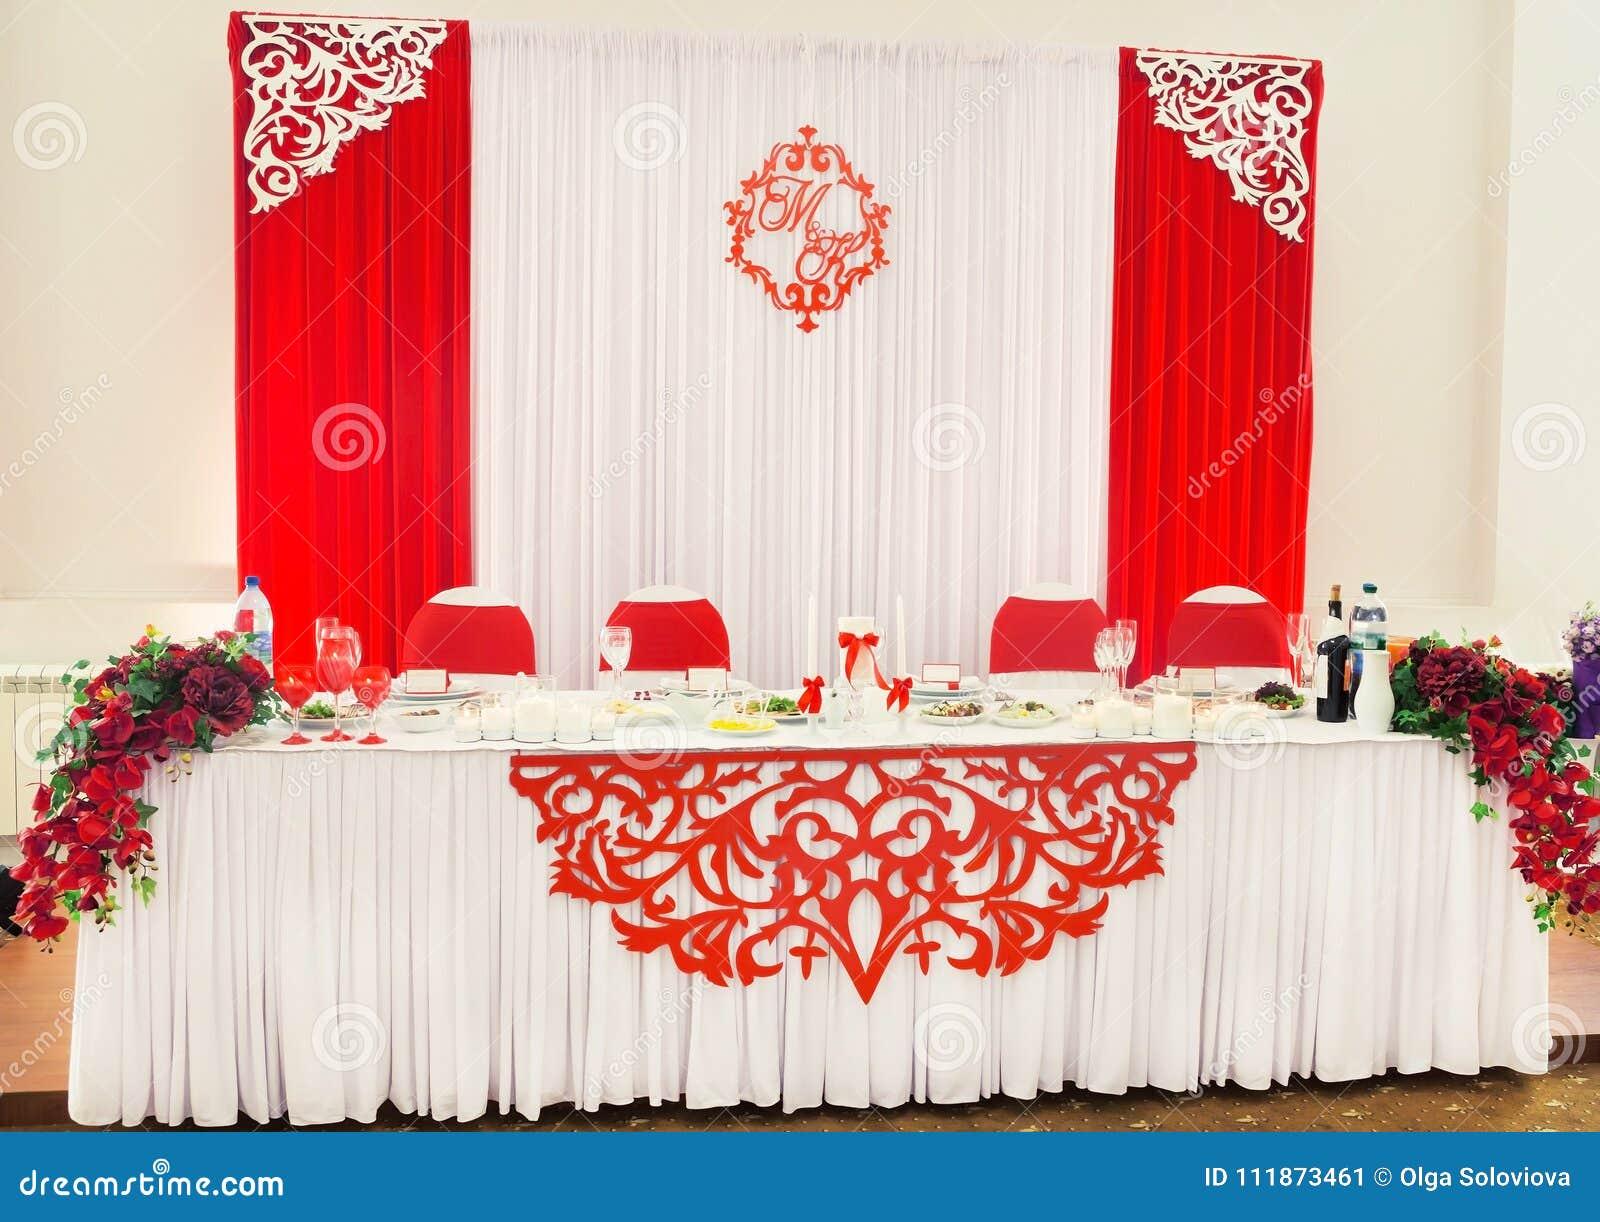 Decoraciones De La Boda Del Color Blanco Y Rojo En La Tabla Para Los